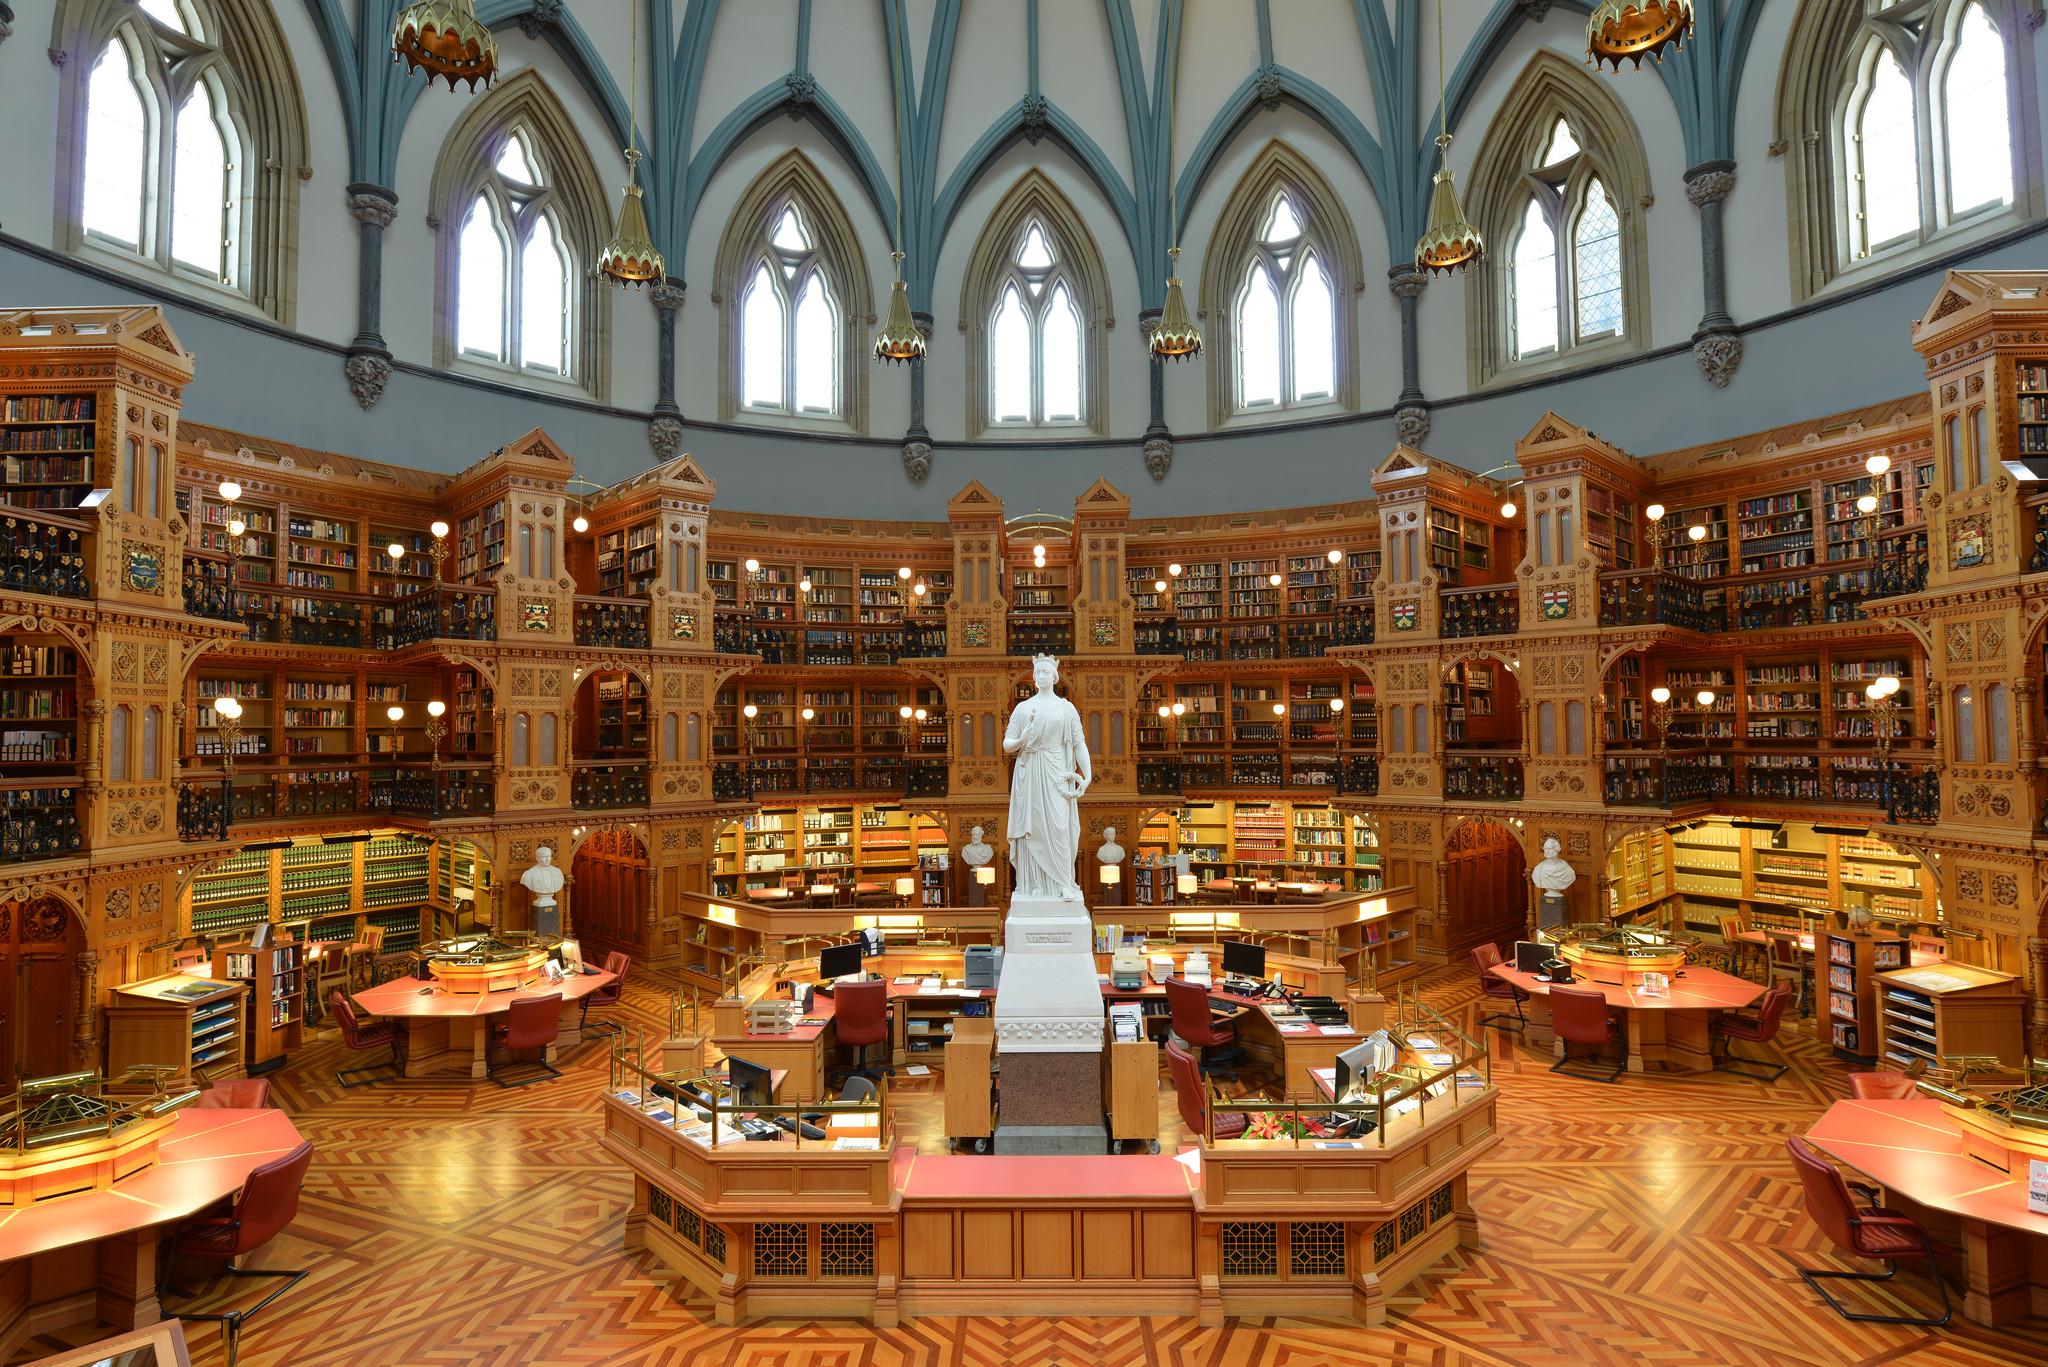 biblioth_que_du_parlement_435.jpg